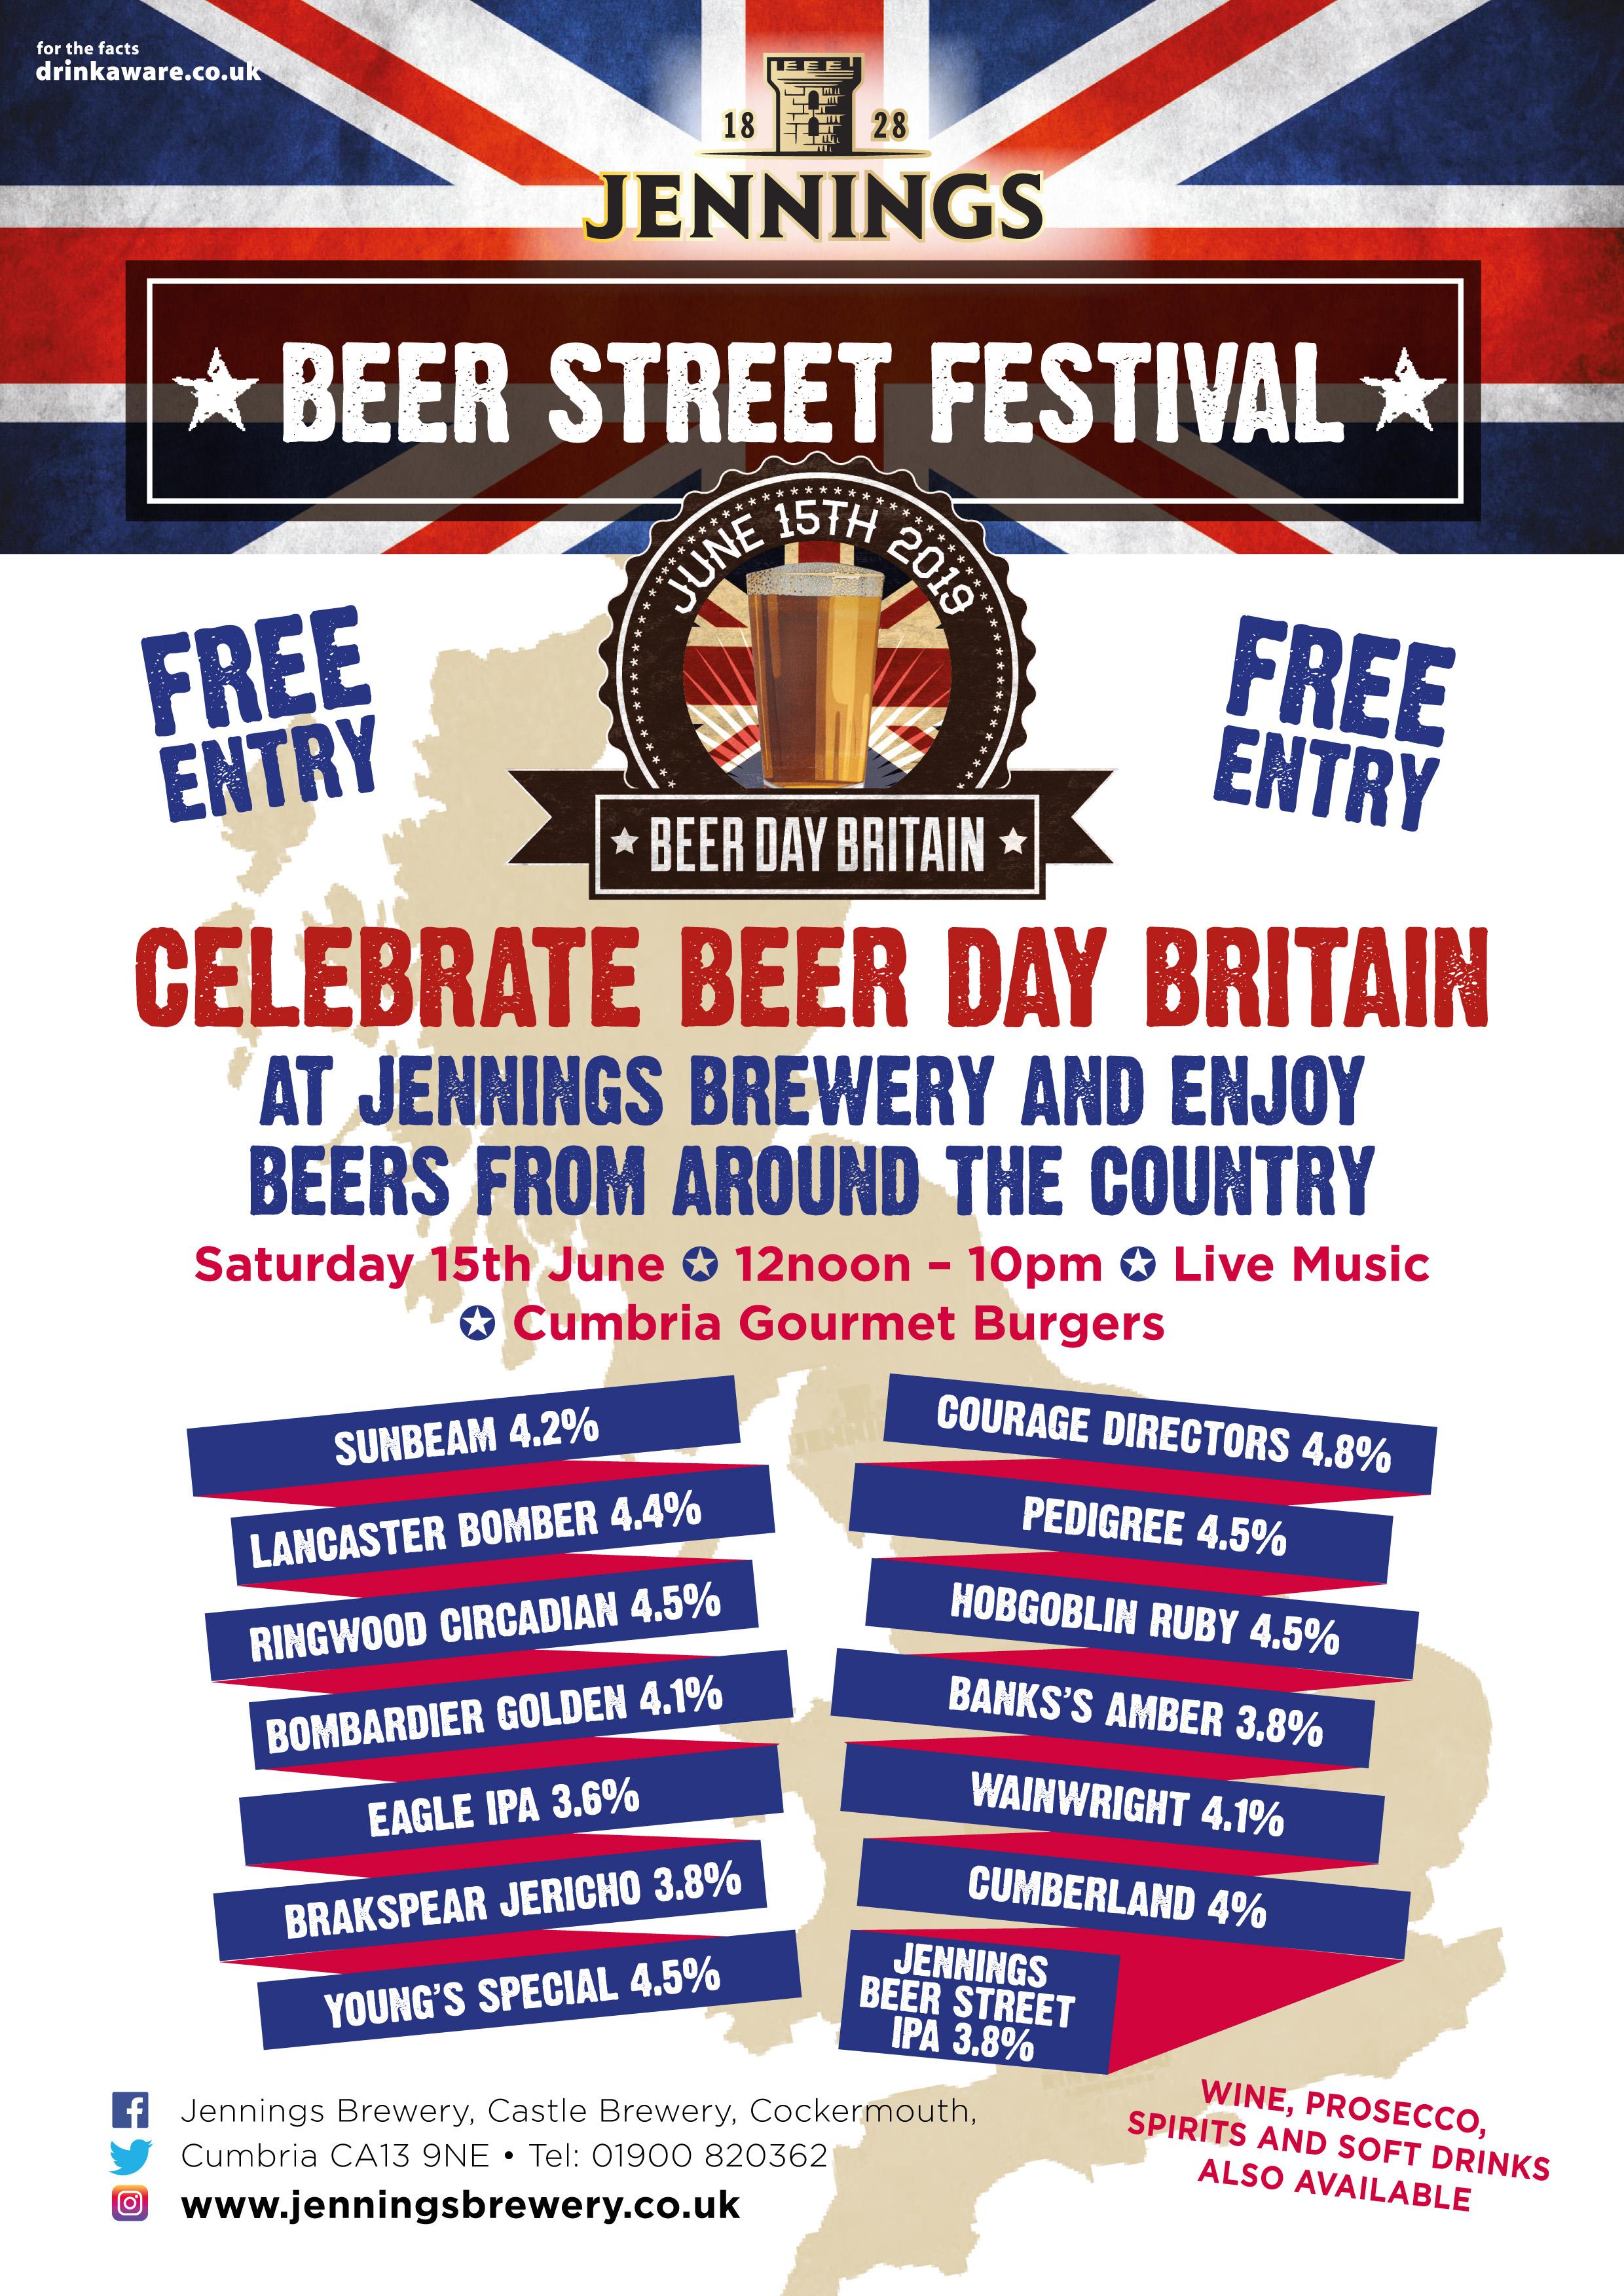 Jennings Beer Street Festival – 15th June